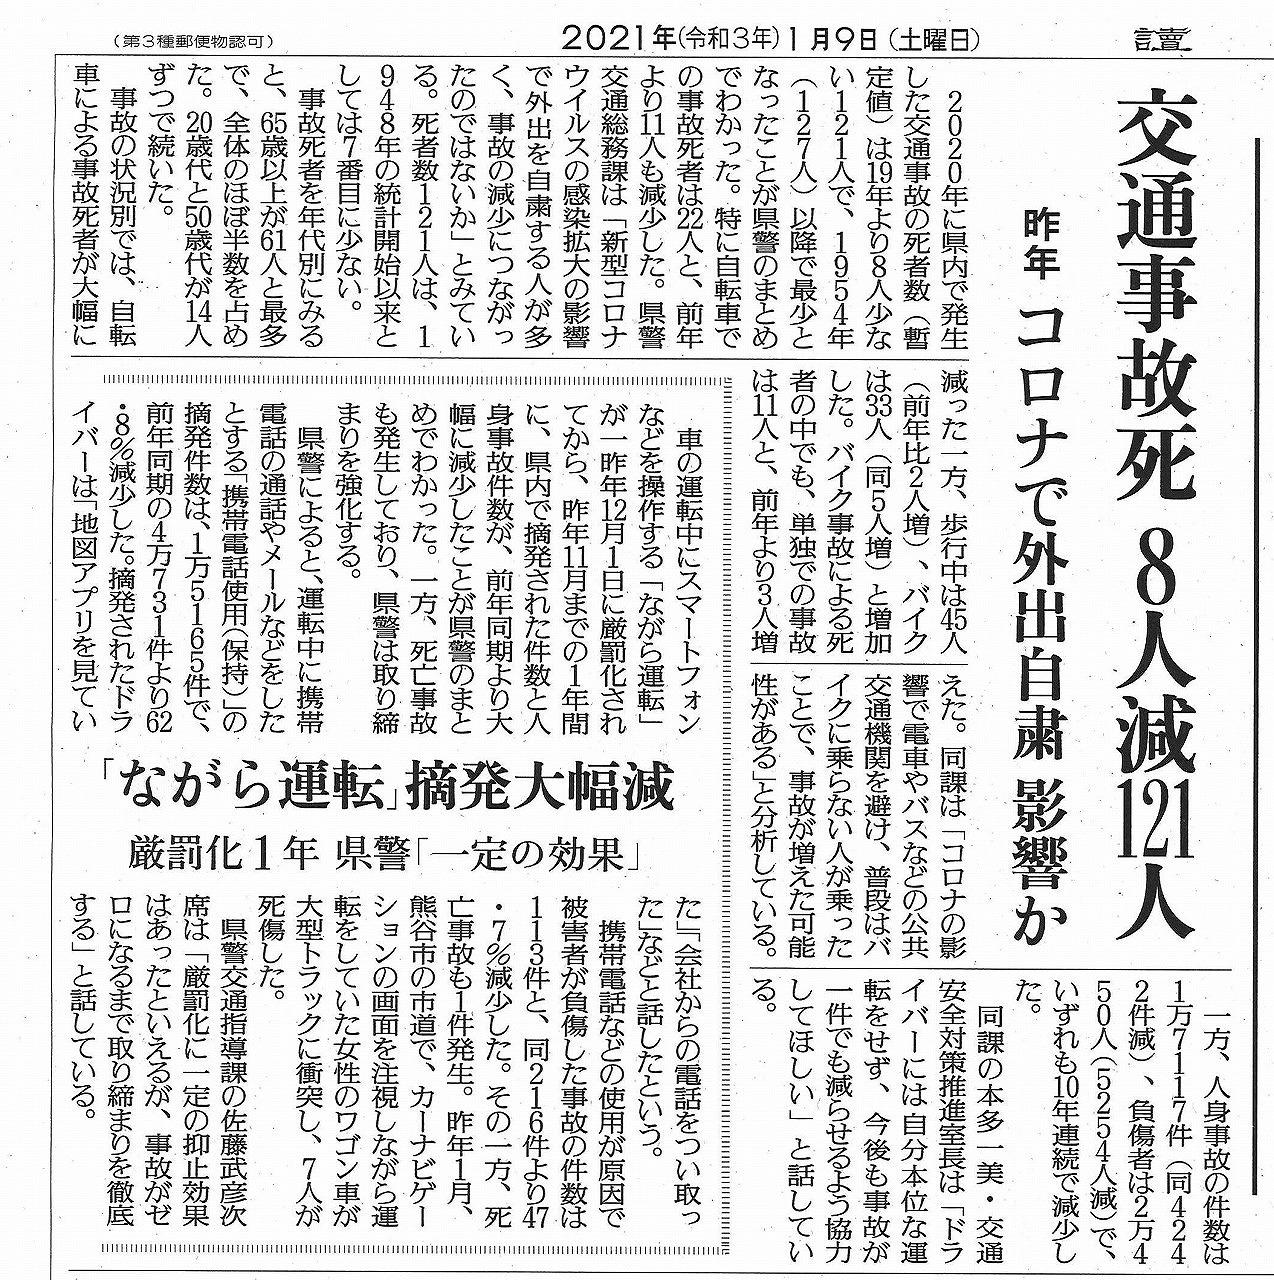 2020年埼玉県内の交通事故記事